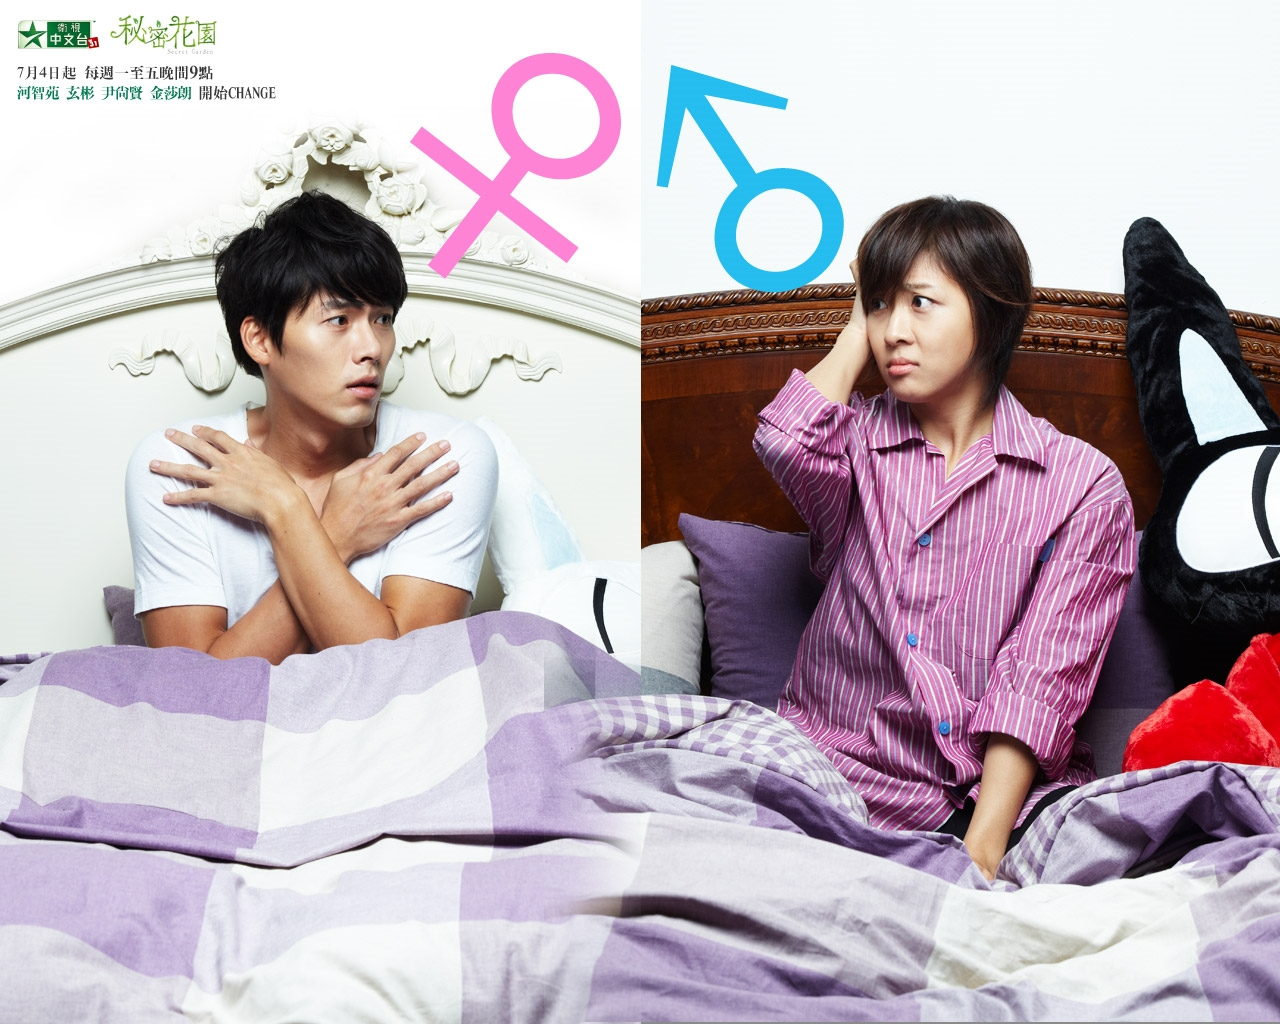 Những bộ phim truyền hình Hàn Quốc đáng xem nhất suốt một thập kỷ qua - Ảnh 1